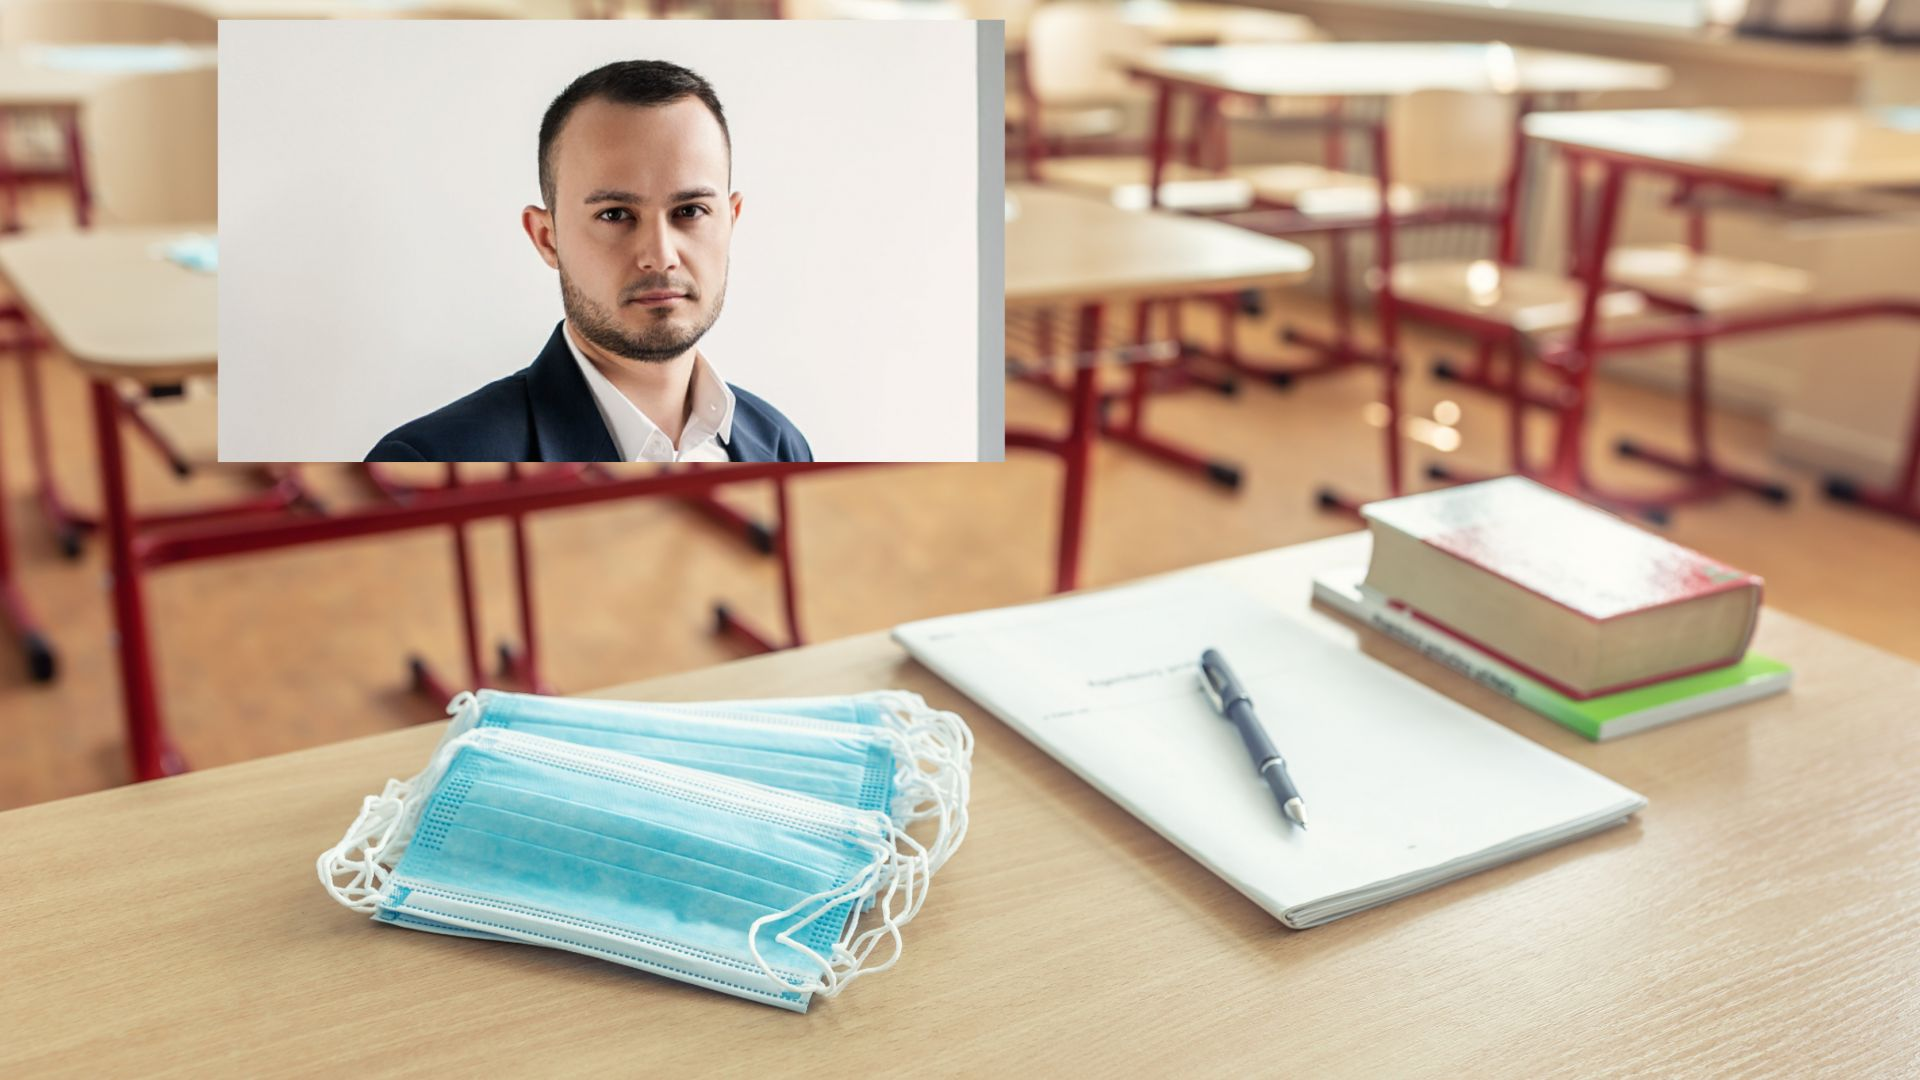 Математик: 50 000 позитивни не са карантинирани, връщането в клас е огромен риск